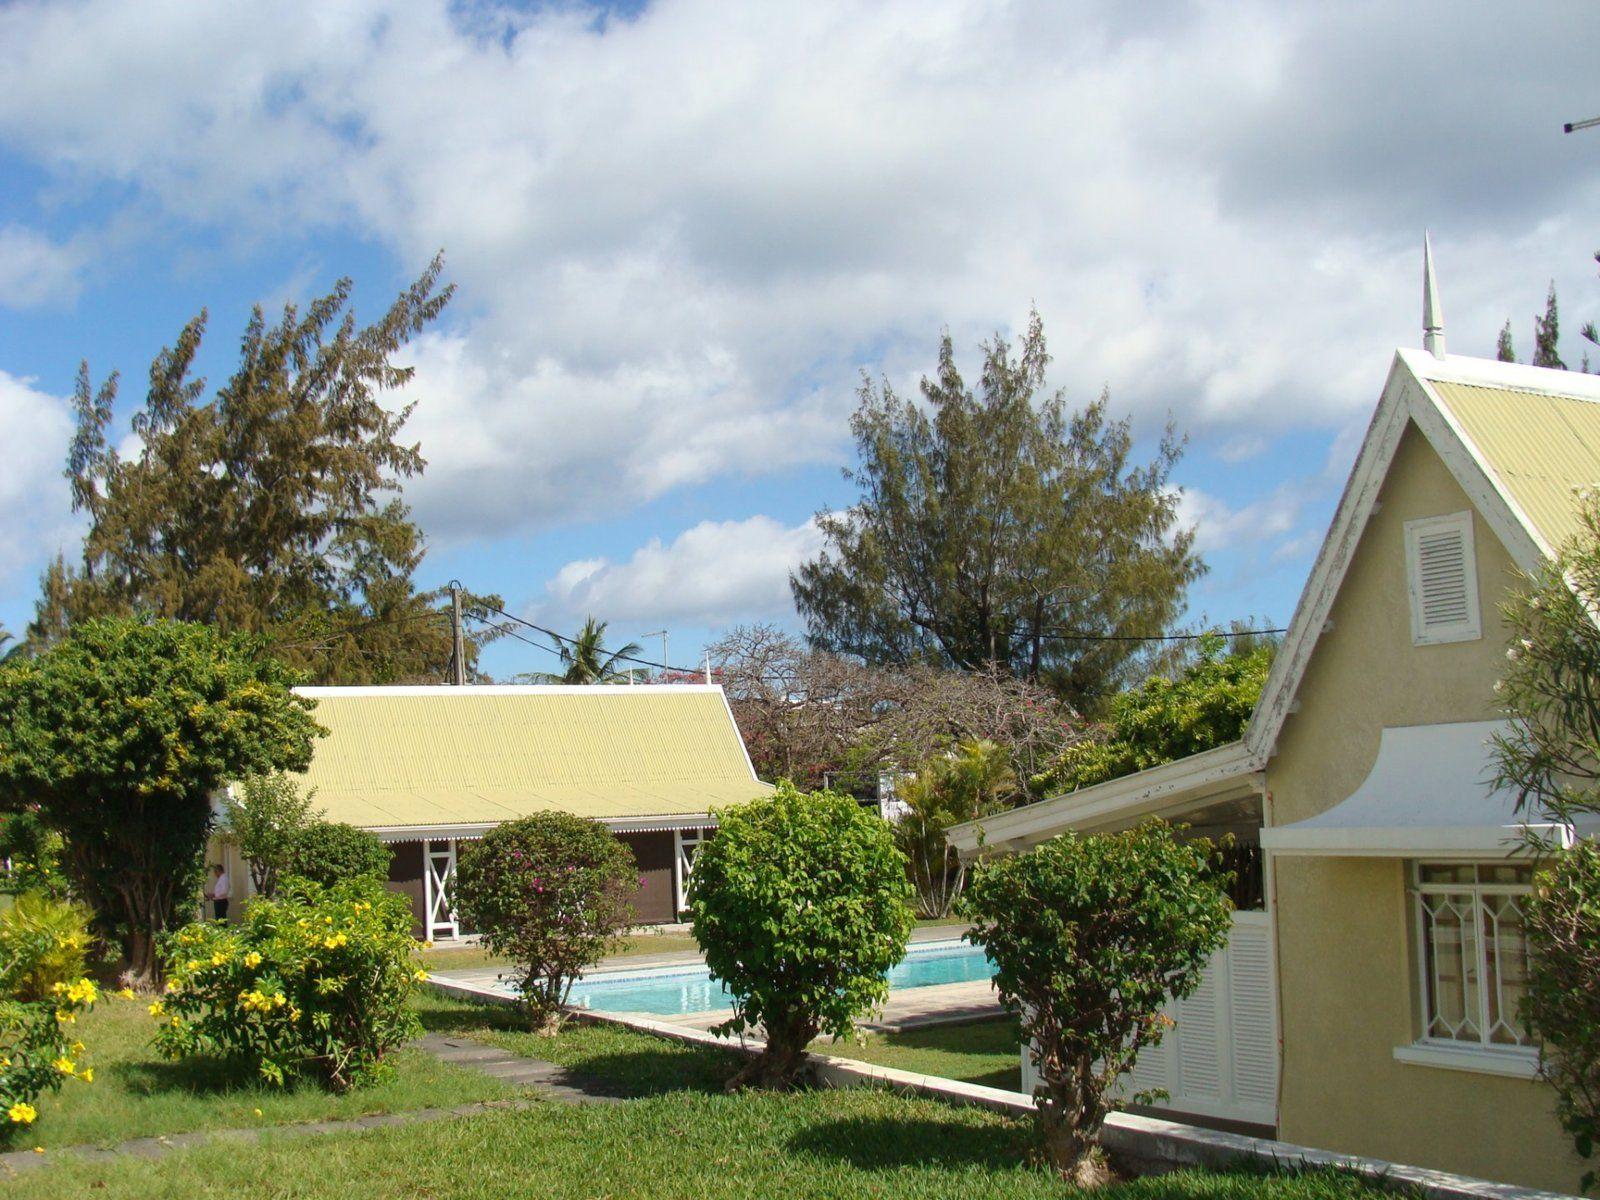 Maison à vendre 4 130.14m2 à Ile Maurice vignette-22